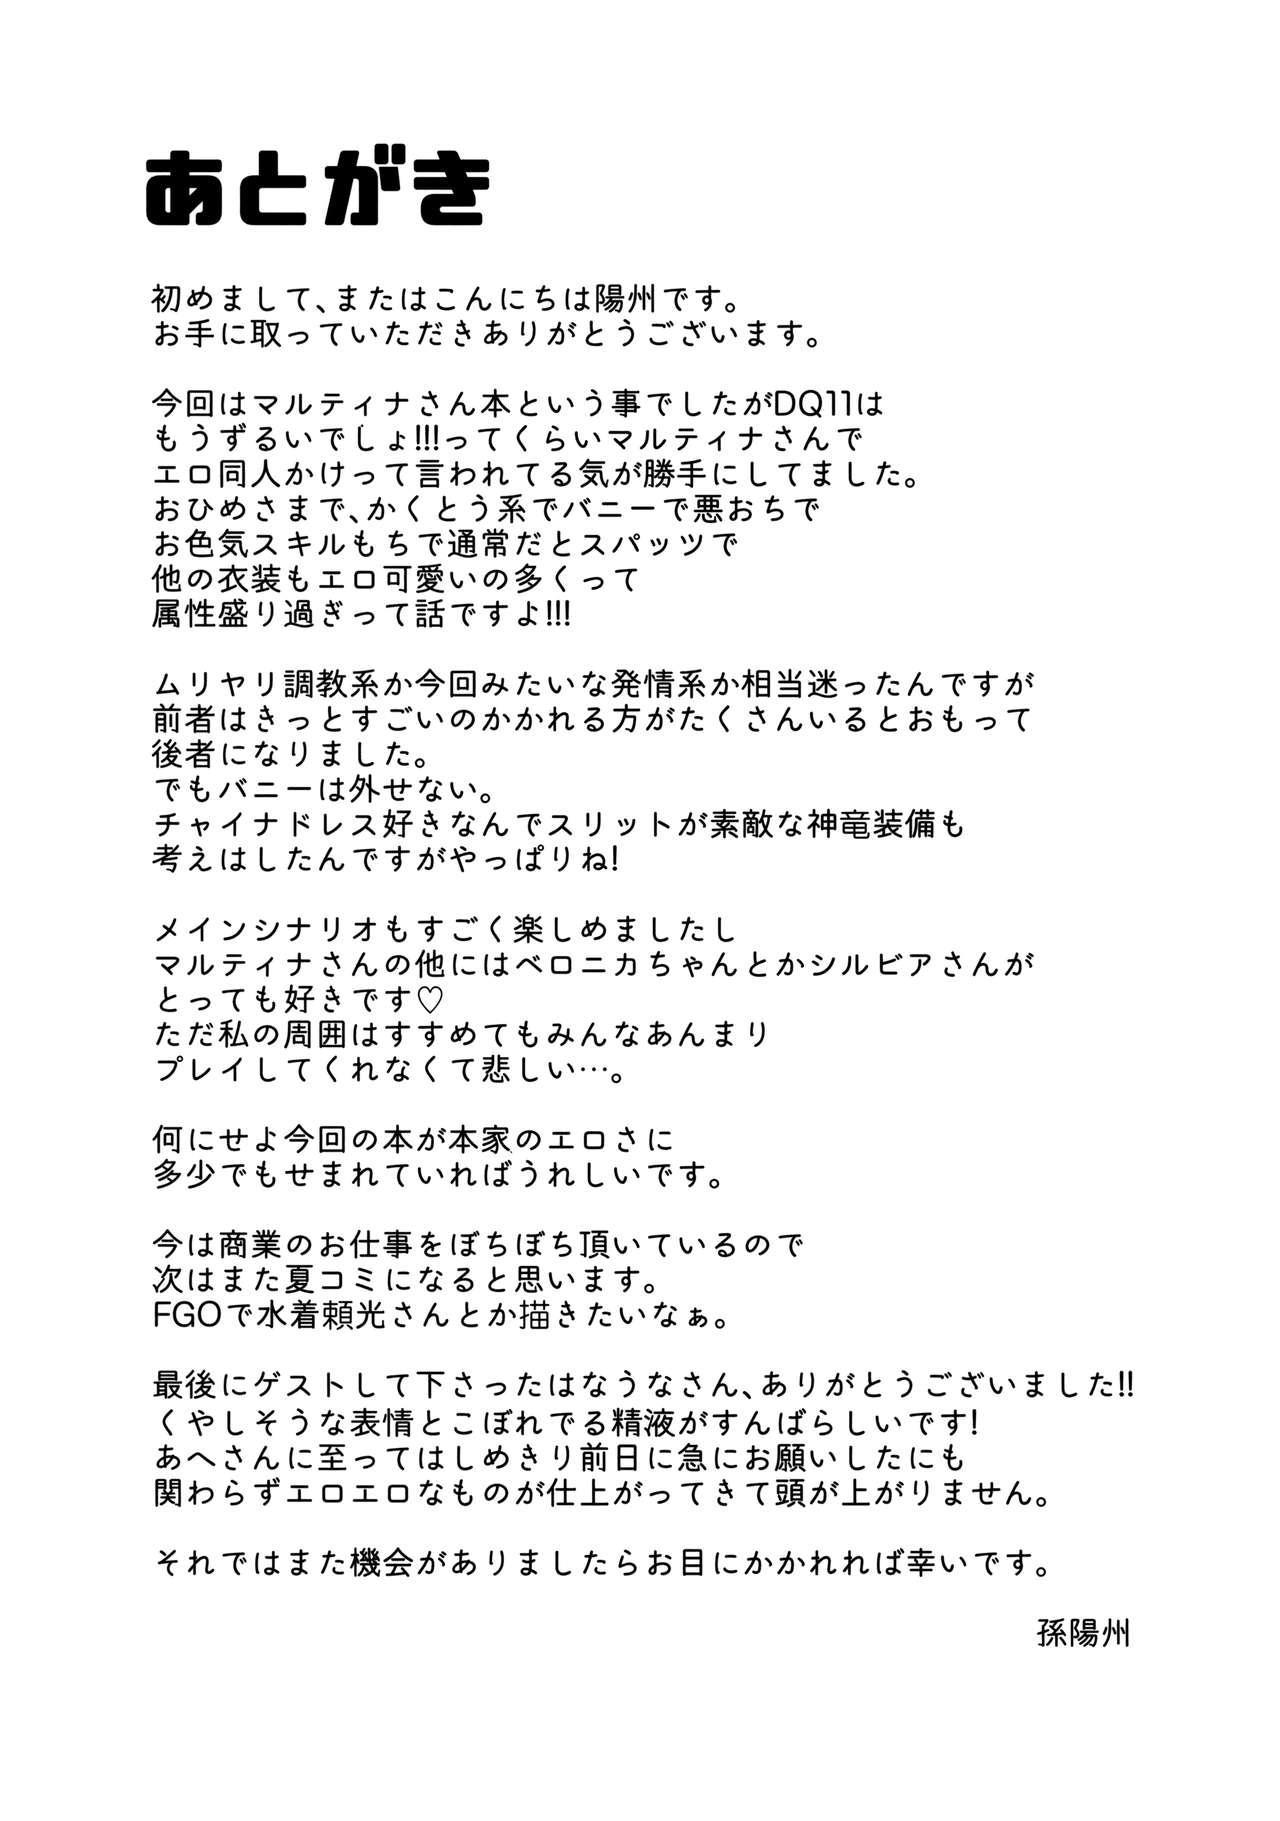 Martina-san wa Hatsujouki 27